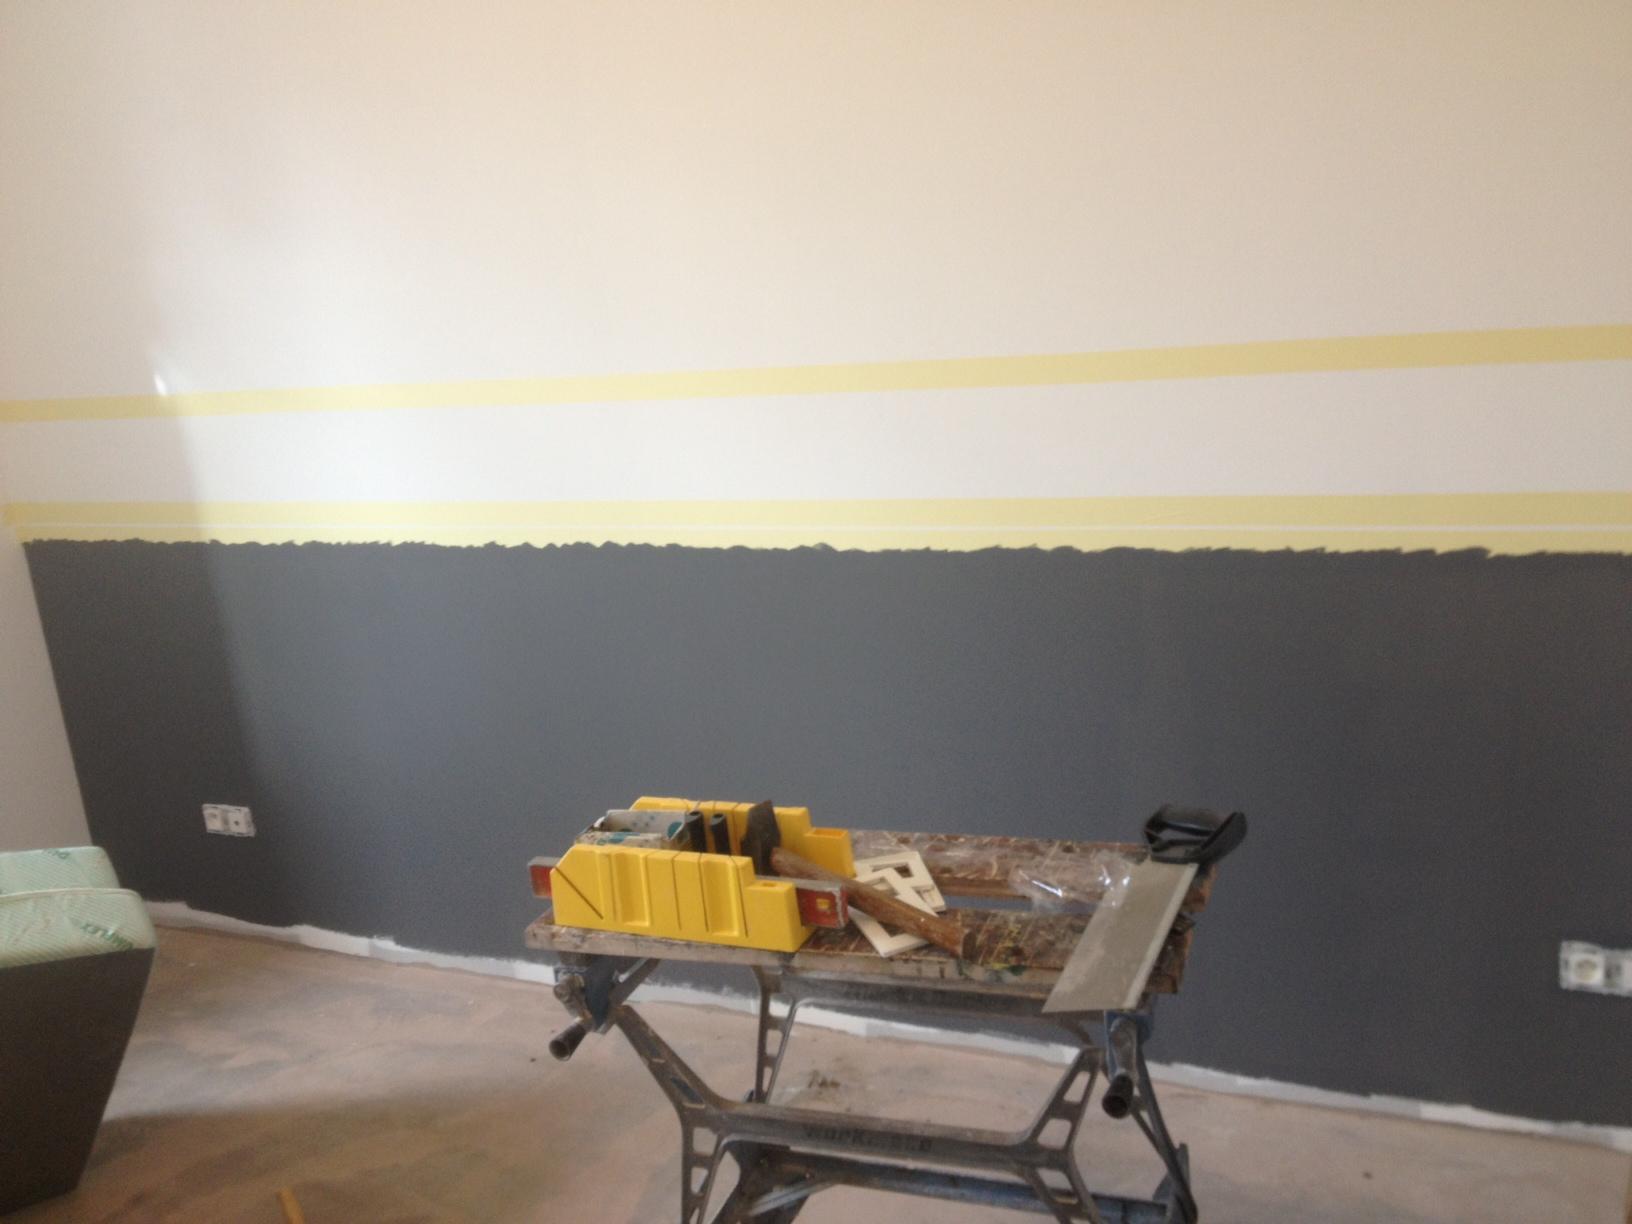 Comment Faire Des Rayures En Peinture Sur Un Mur peinture murale deux couleurs – gamboahinestrosa